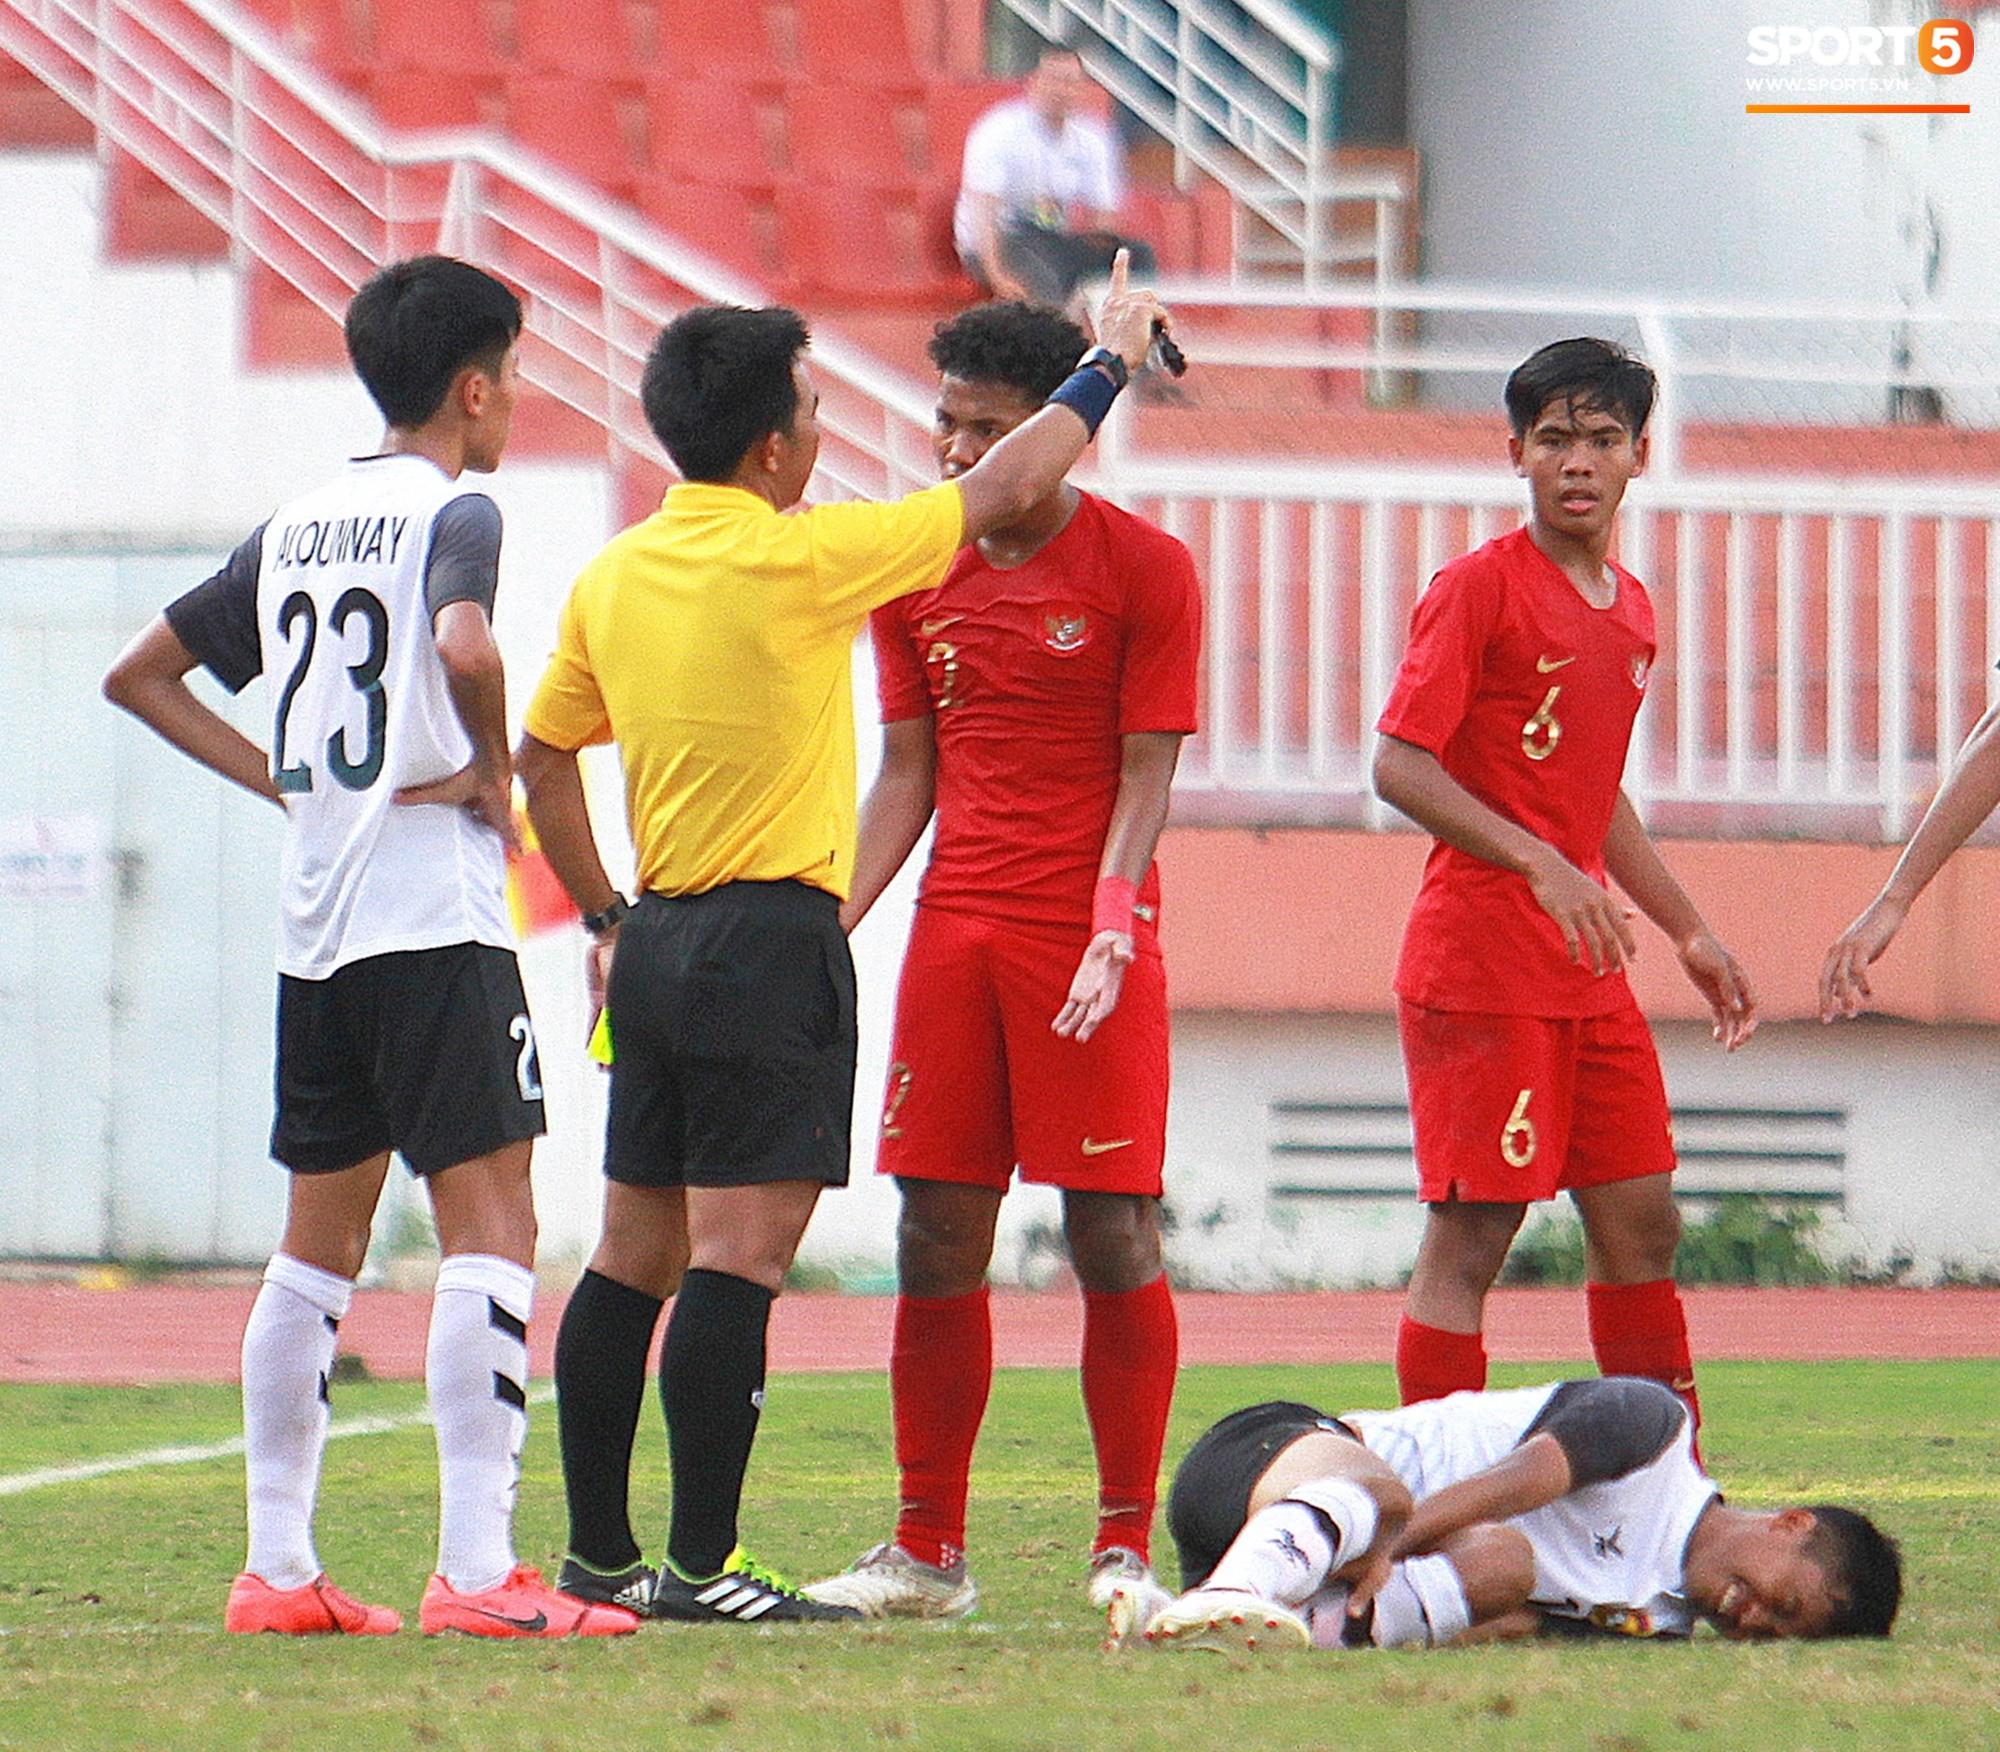 Indonesia U18 Vs Laos: Cầu Thủ U18 Lào Lao Vào Xô Xát Với đối Phương Ngay Sau